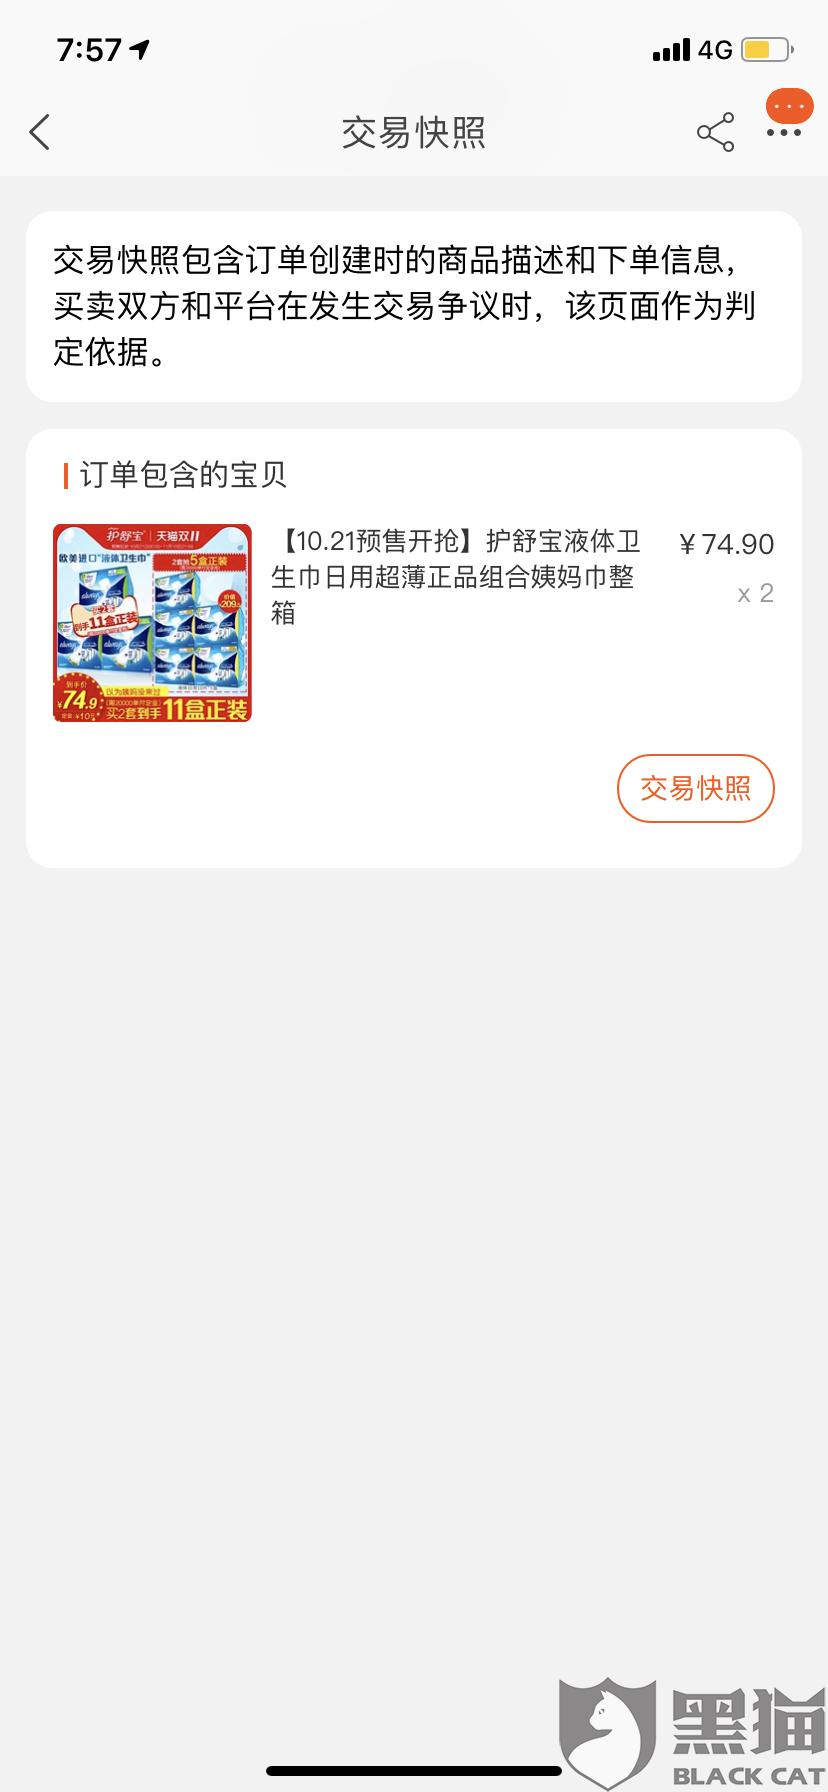 黑猫投诉:淘宝宝洁官方旗舰店虚假广告